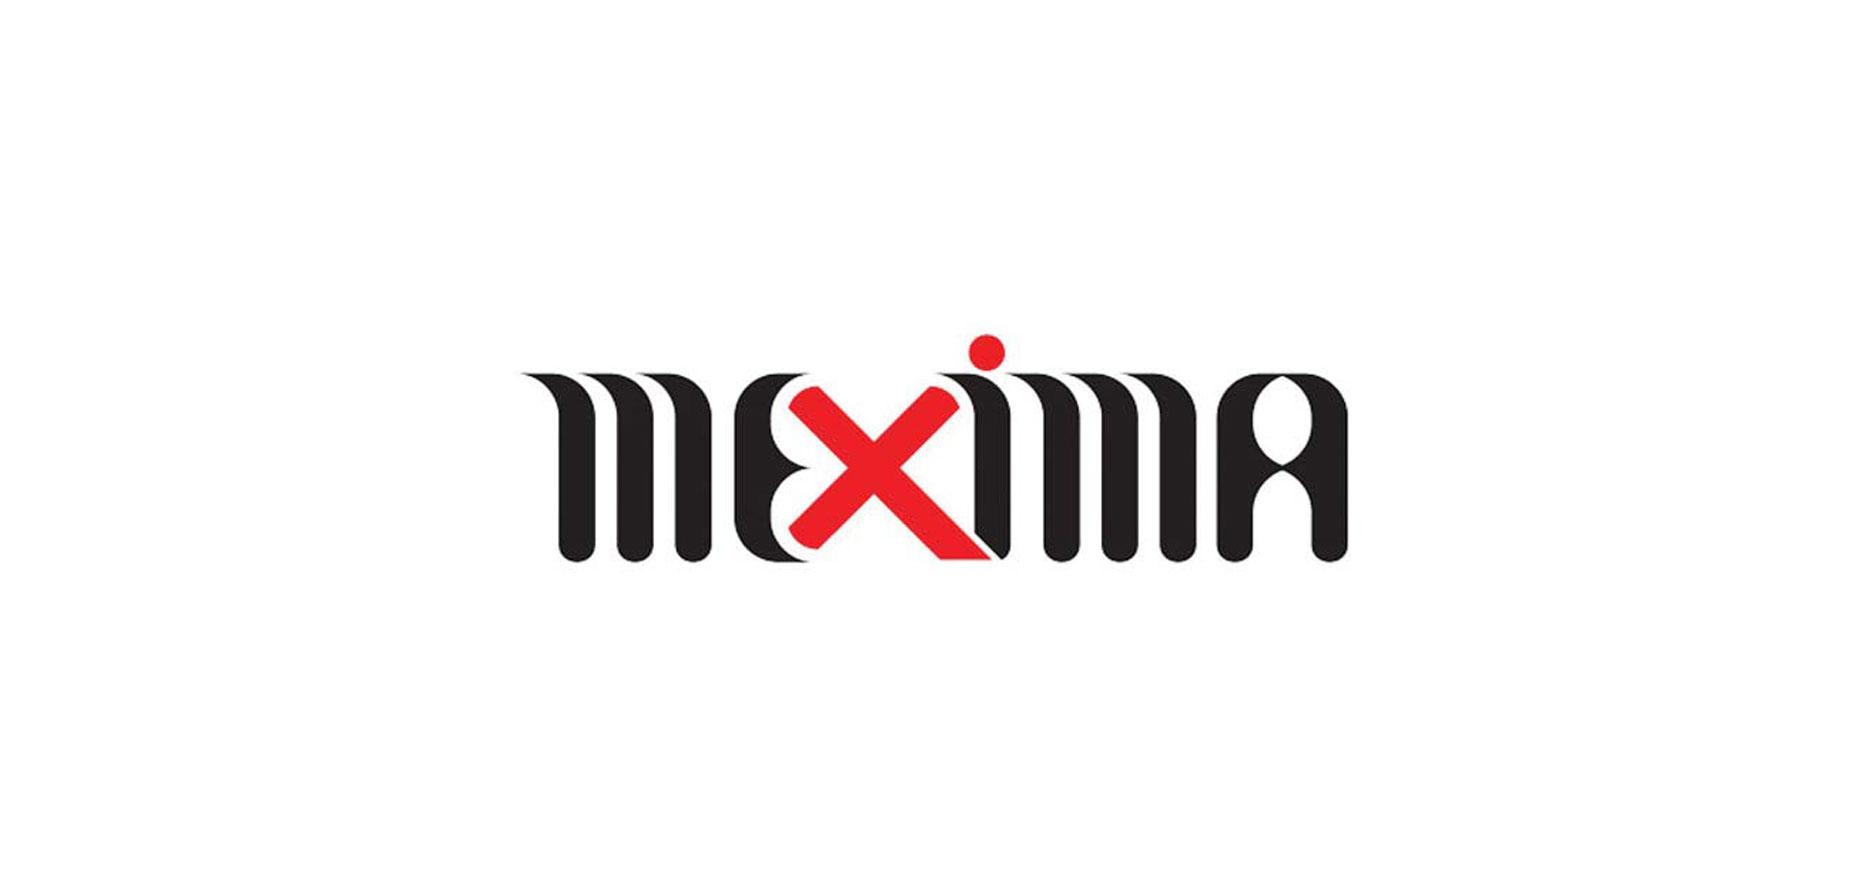 خدمات > طراحی گرافیک > طراحی لوگو و آرم   طراحی غرفه نمایشگاهیطراحی لوگو ماکسیما